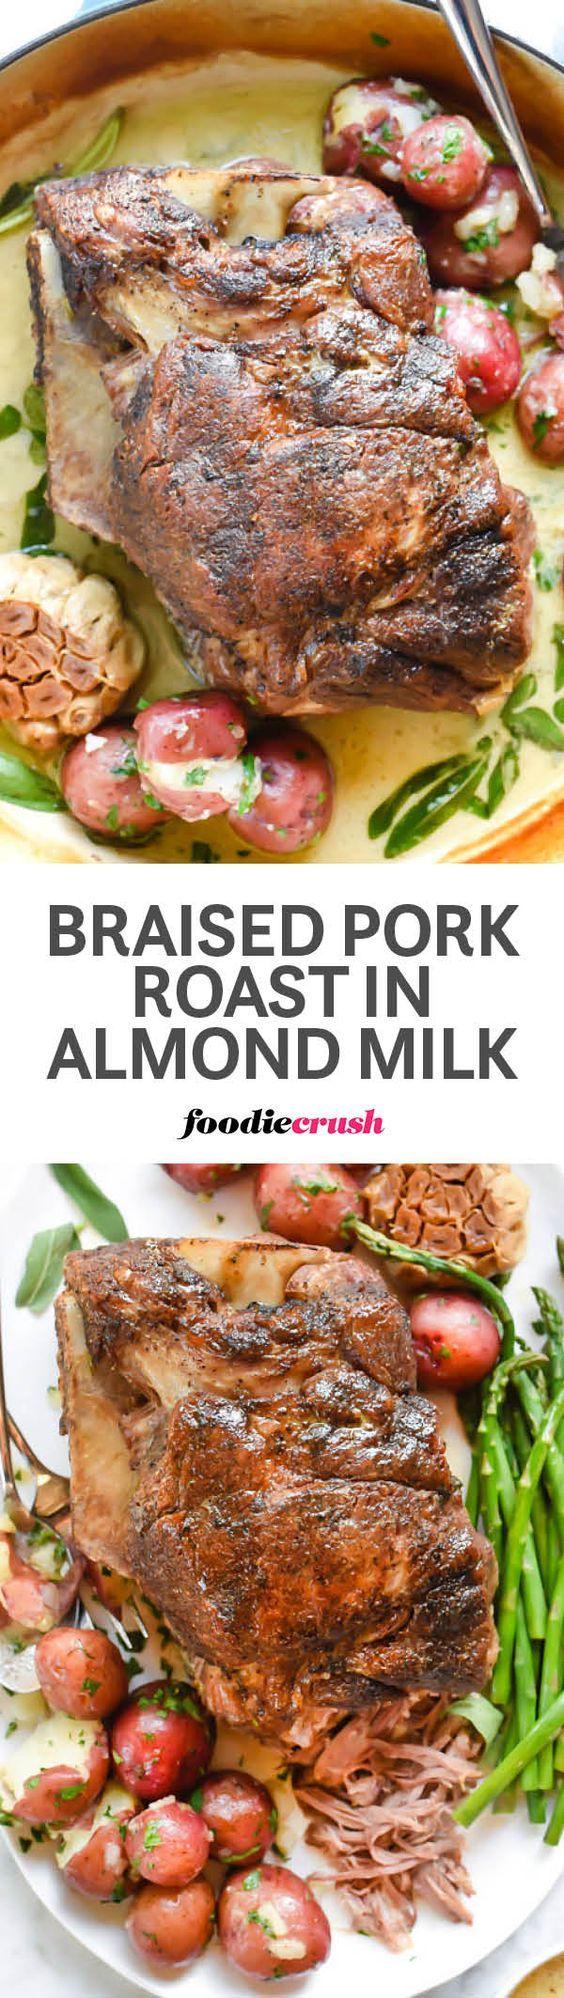 17 Best Ideas About Pork Roast In Oven On Pinterest Pork Loin Recipe, Bacon  In